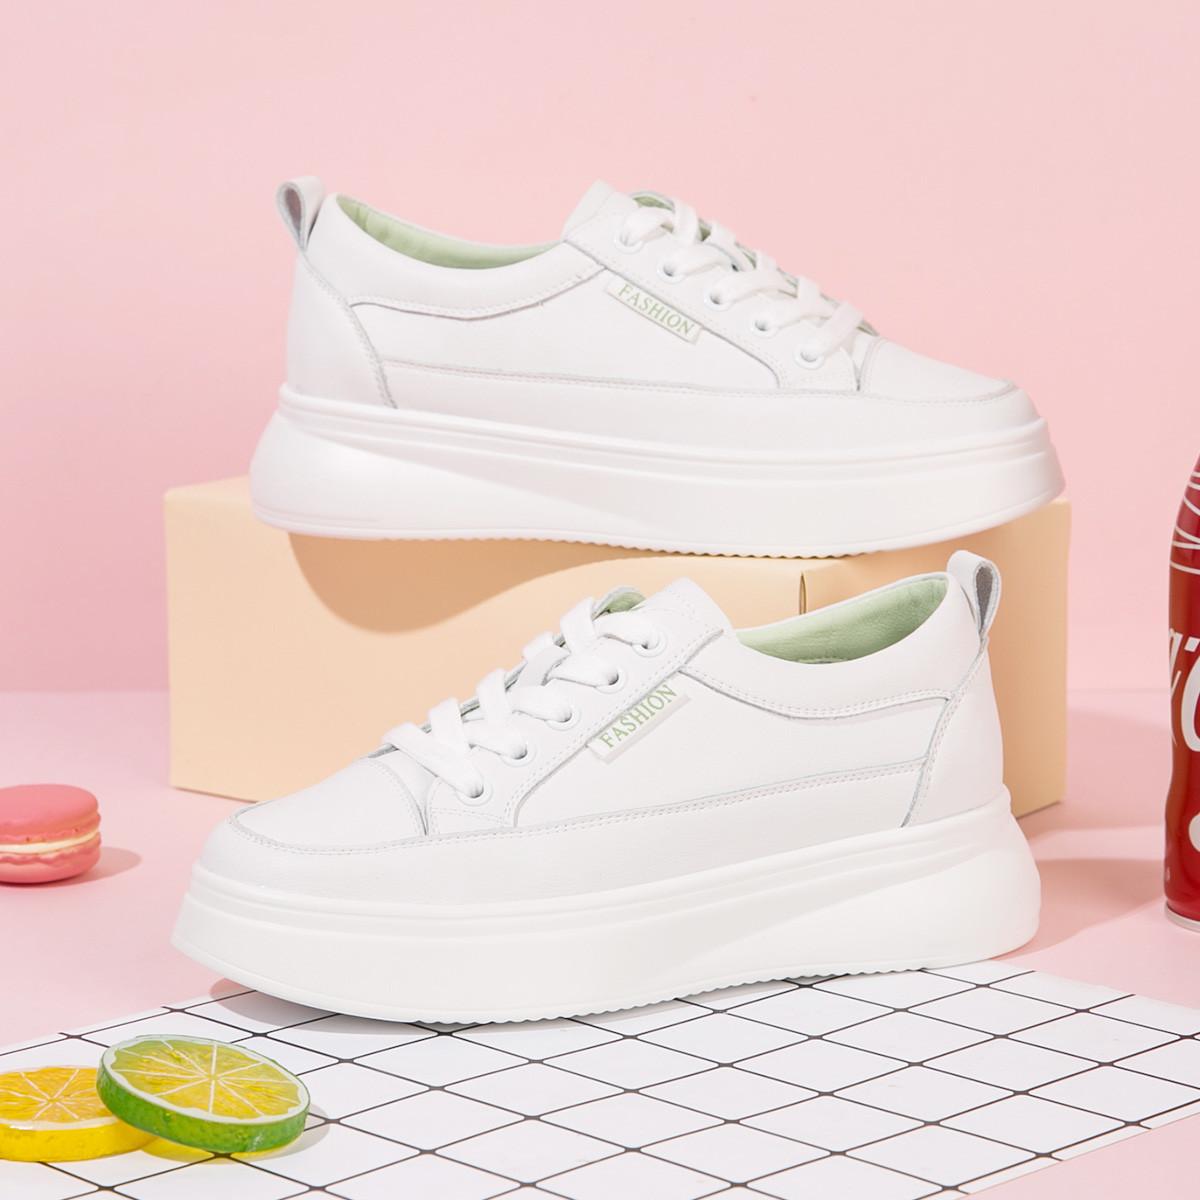 红蜻蜓女鞋2020新款简约休闲圆头小白鞋女日常学院风系带单鞋